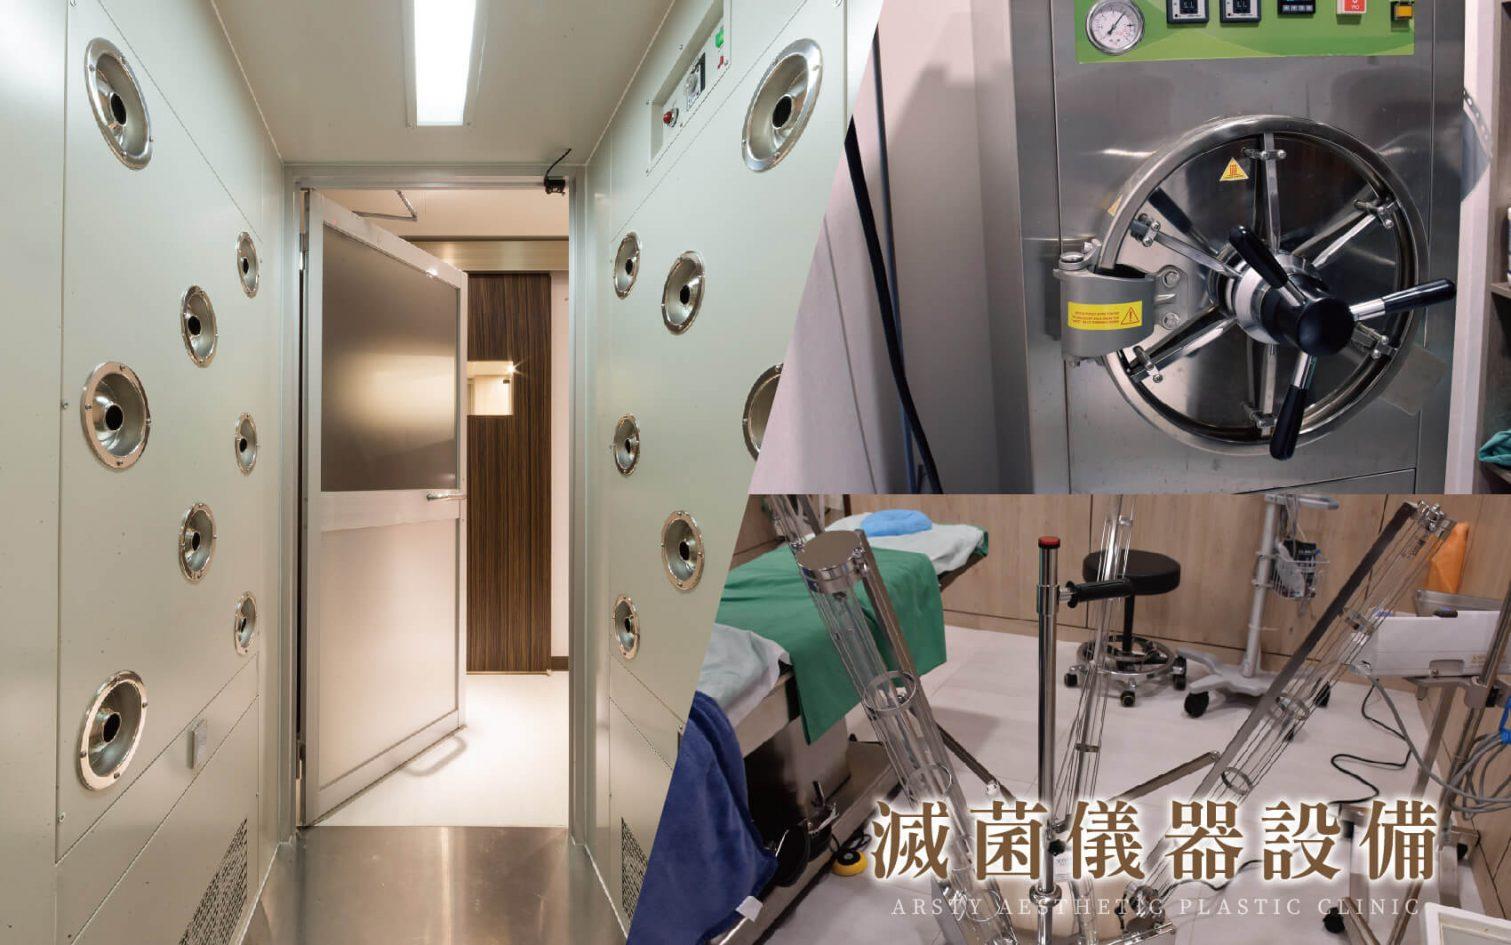 璞美防疫滅菌儀器設備